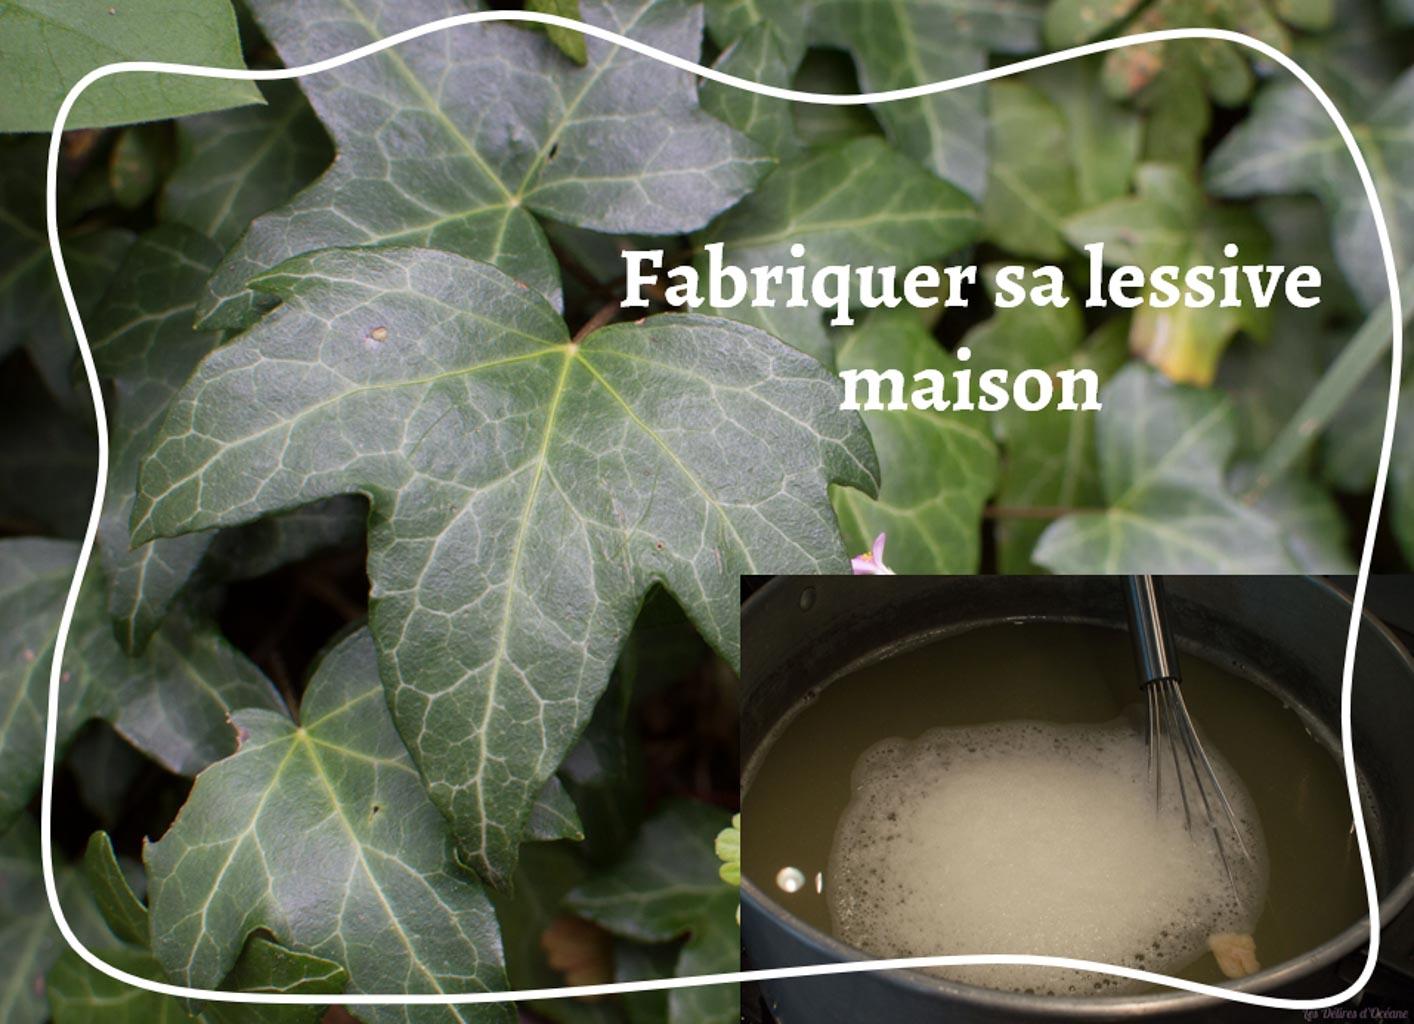 lierre lessive naturelle fait maison lierre grimpant utilisation hedera helix bicarbonate et savon de marseille